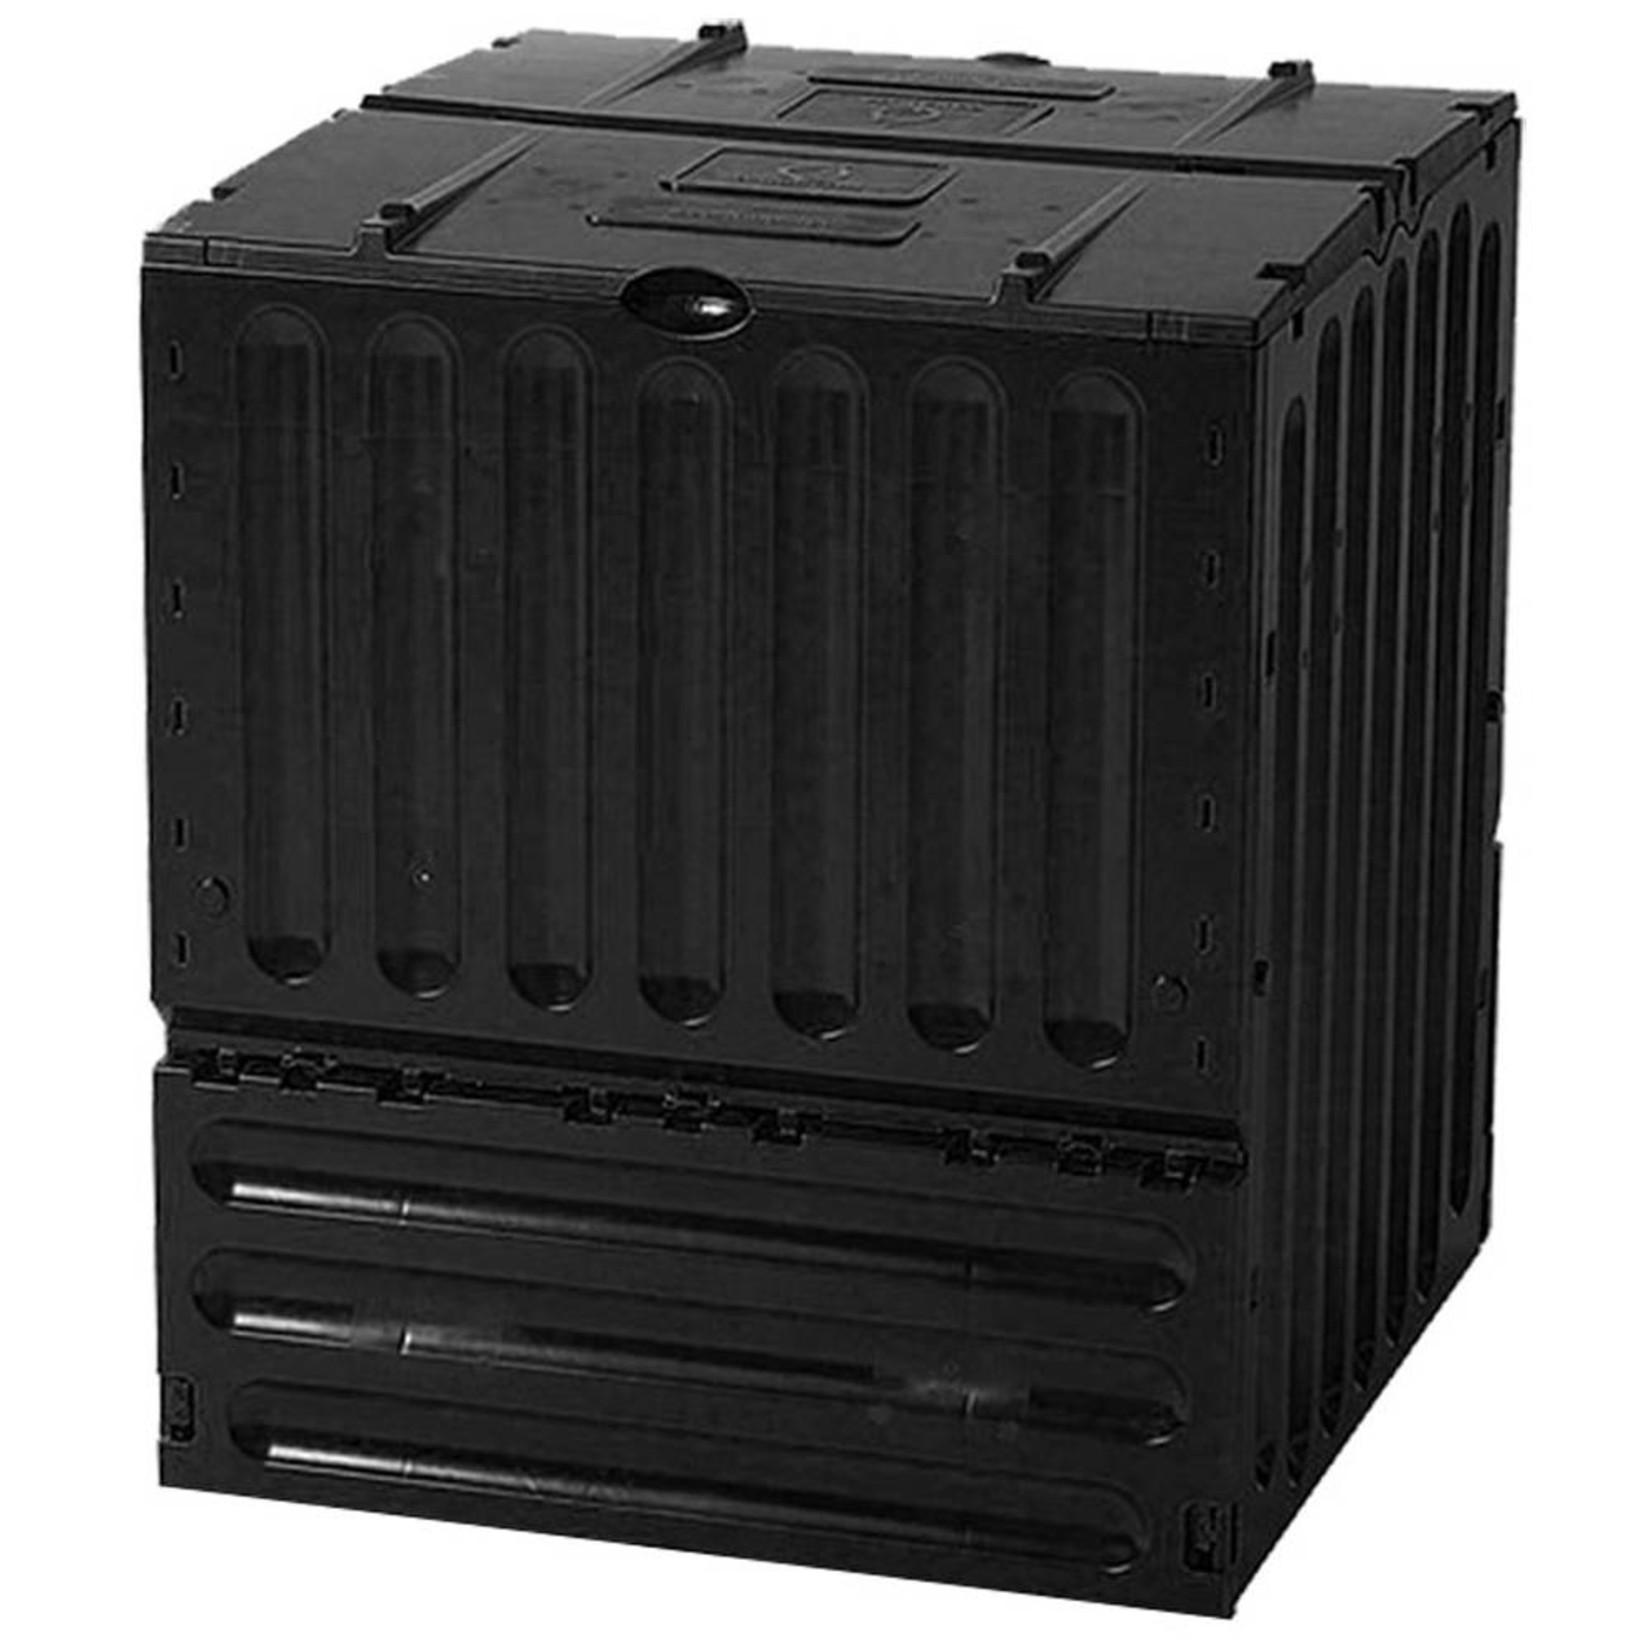 Meuwissen Agro Compostvat Eco-king 600 liter zwart l.80 x b.80 x h.95 cm